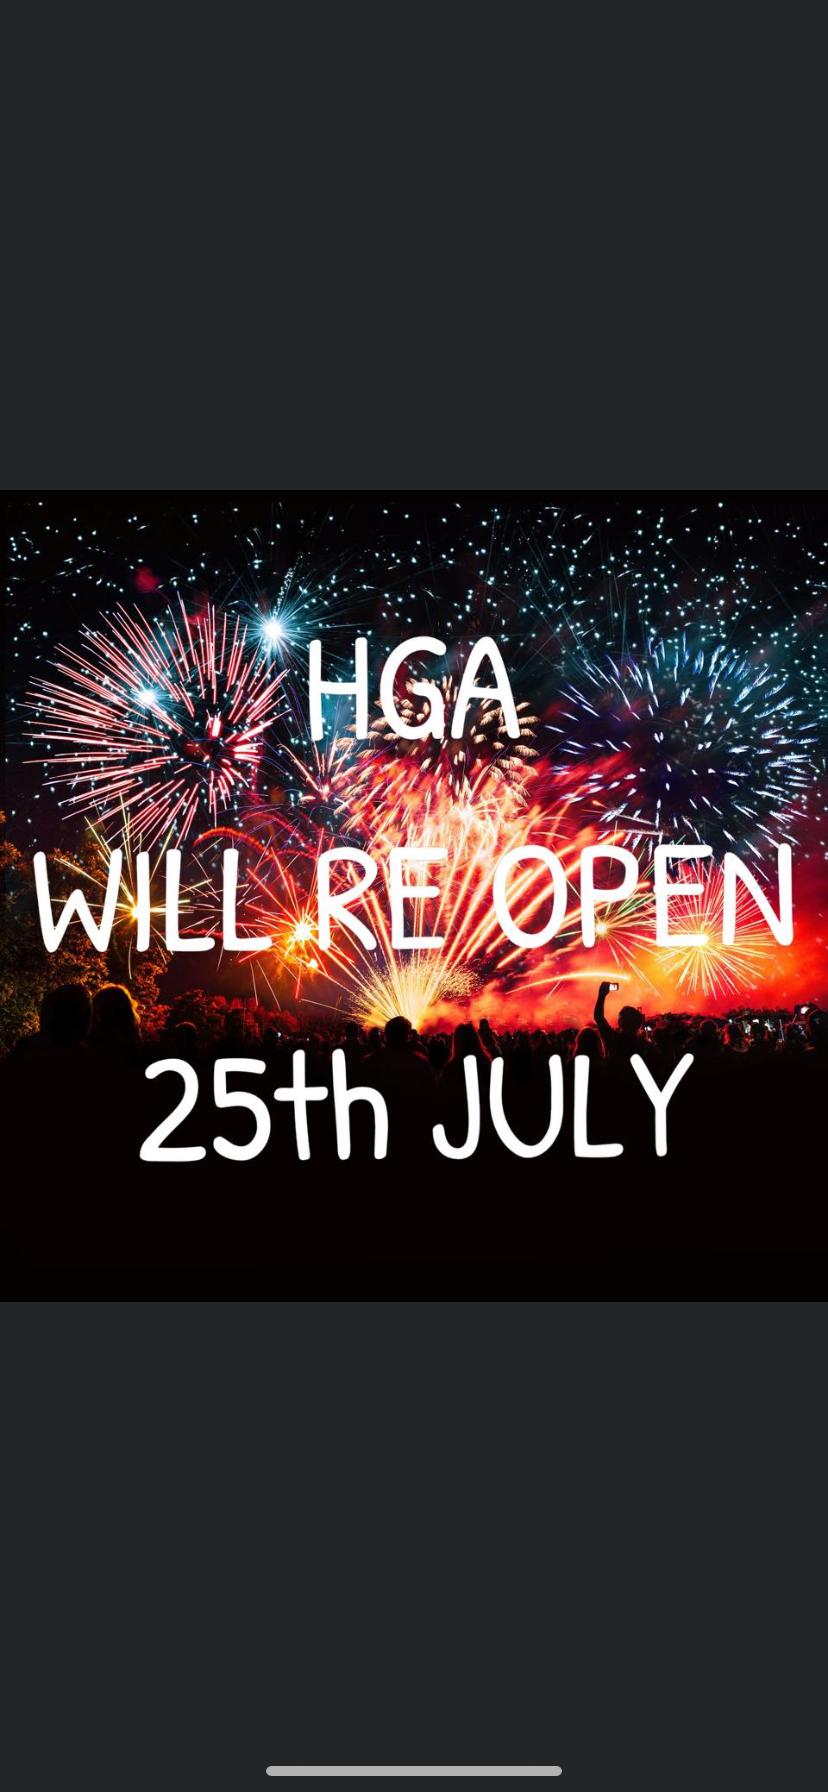 HGA reopening